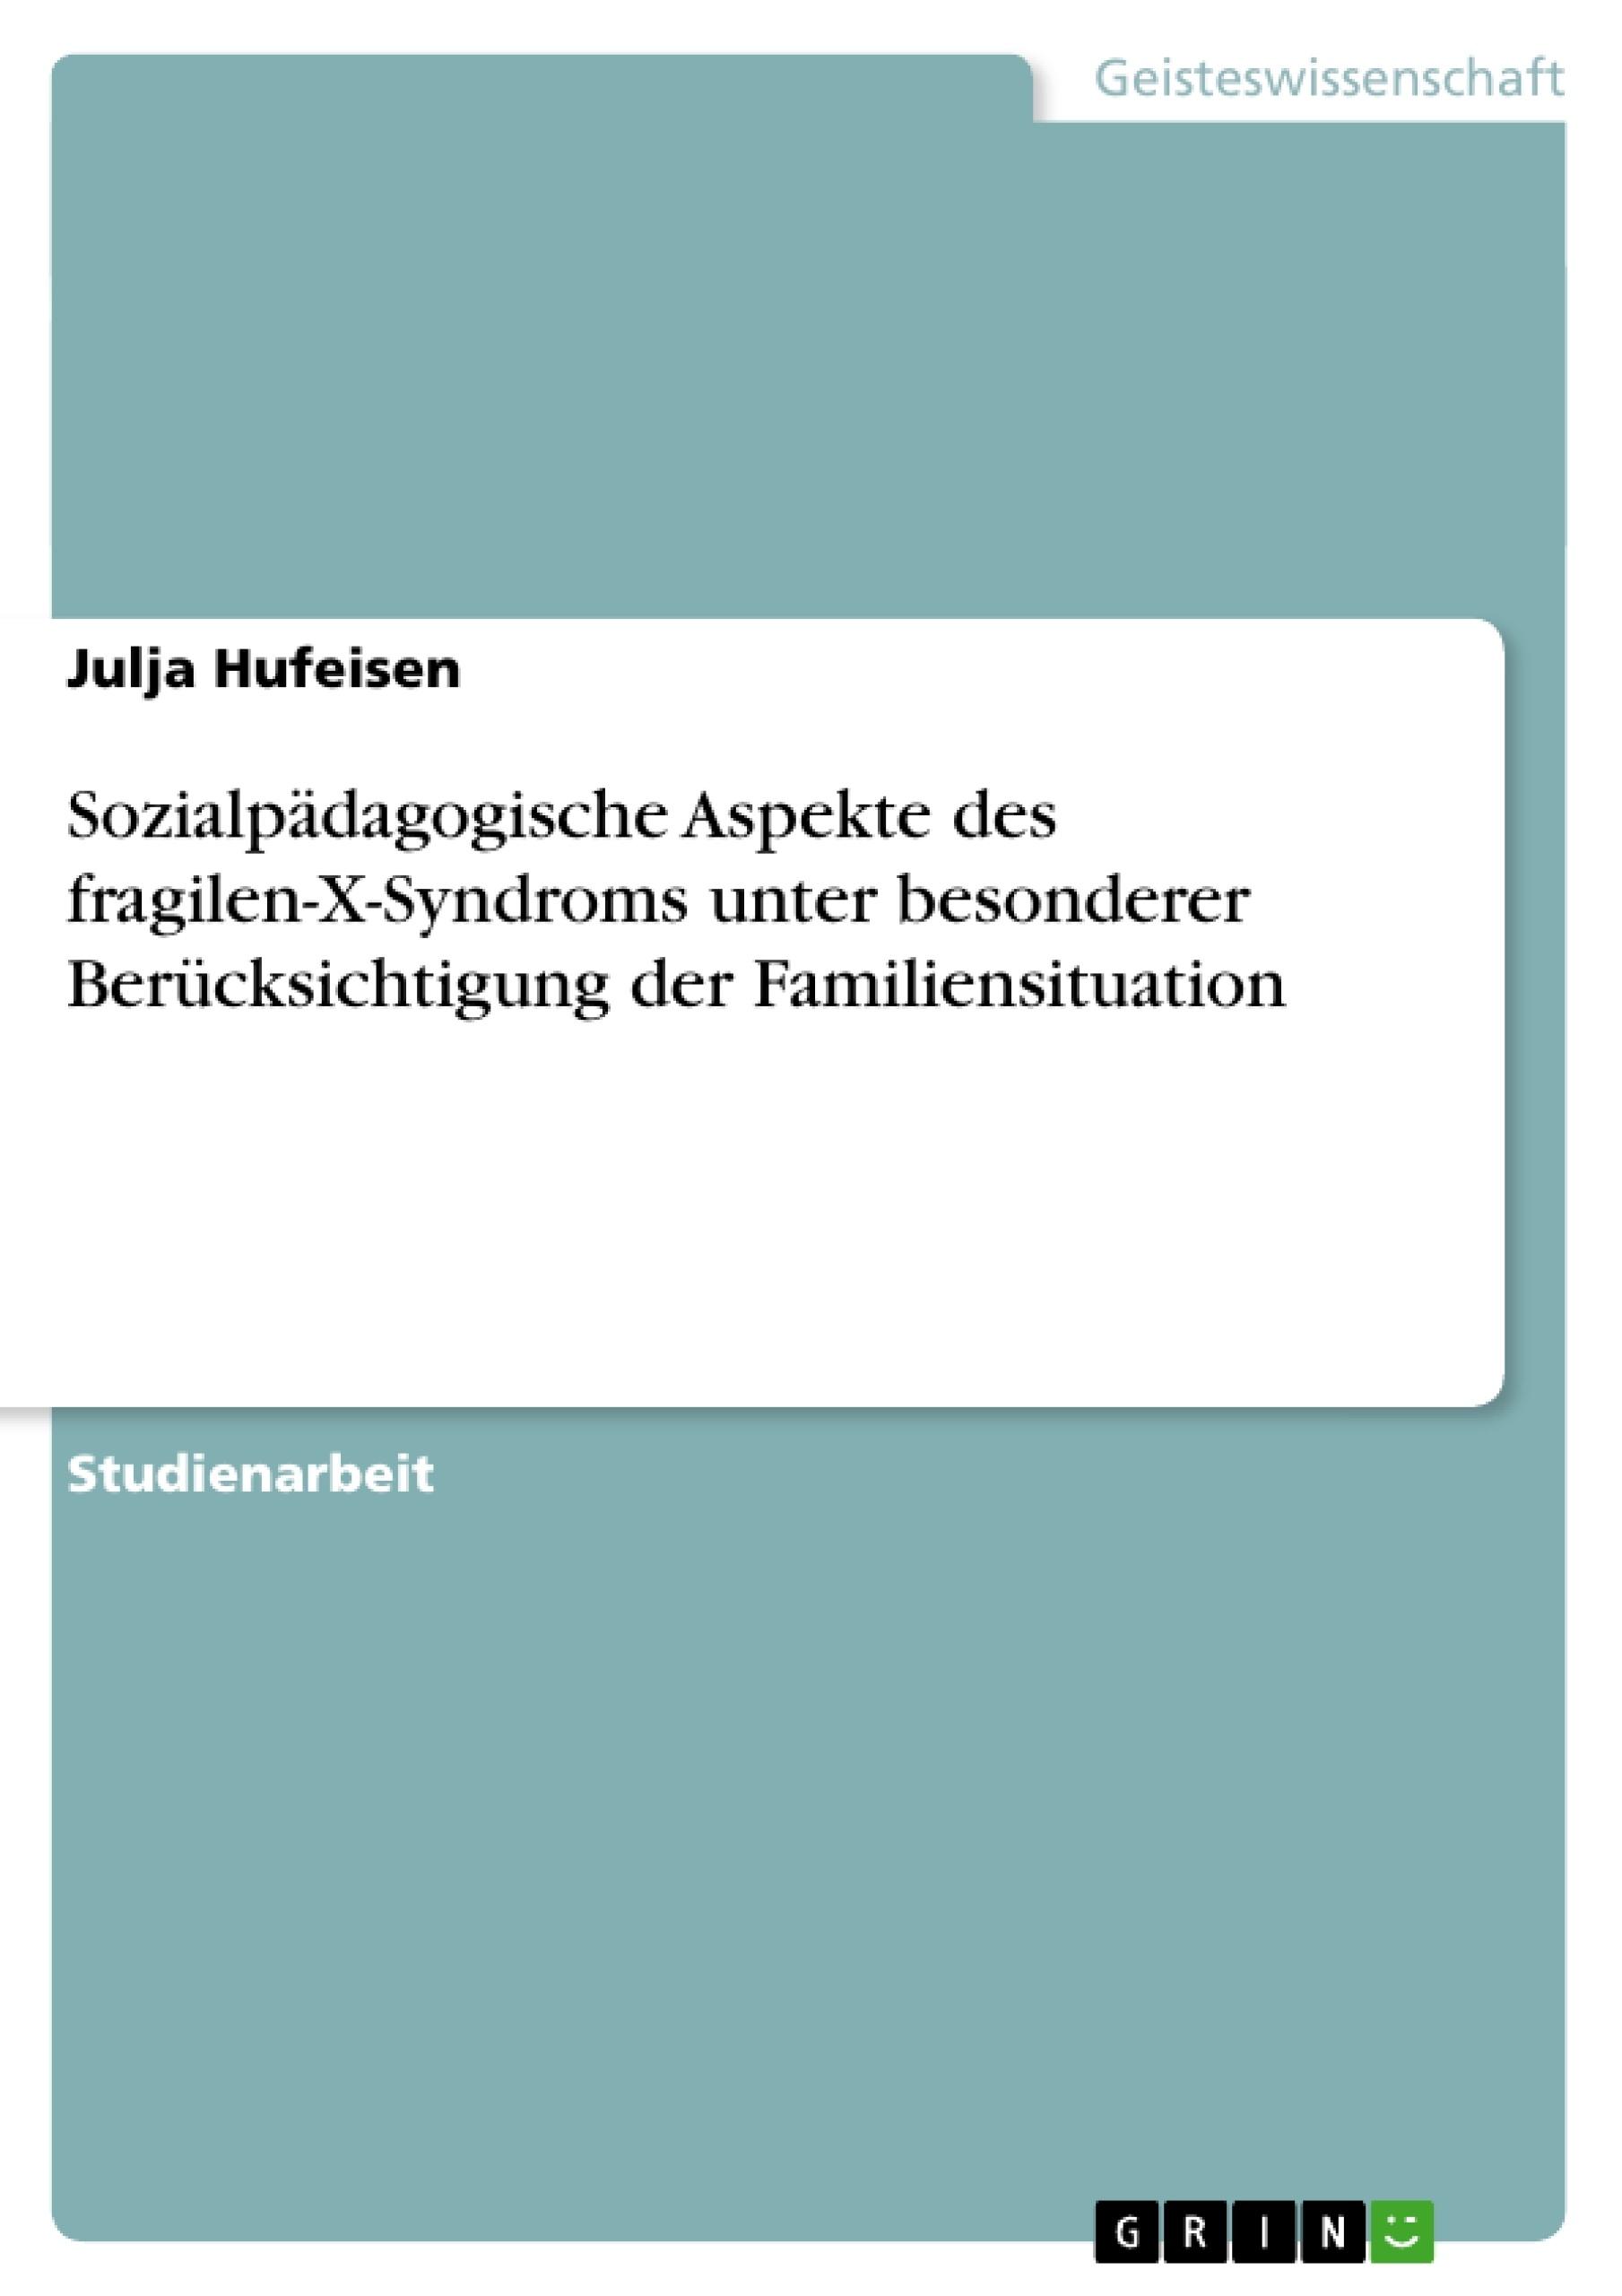 Titel: Sozialpädagogische Aspekte des fragilen-X-Syndroms unter besonderer Berücksichtigung der Familiensituation